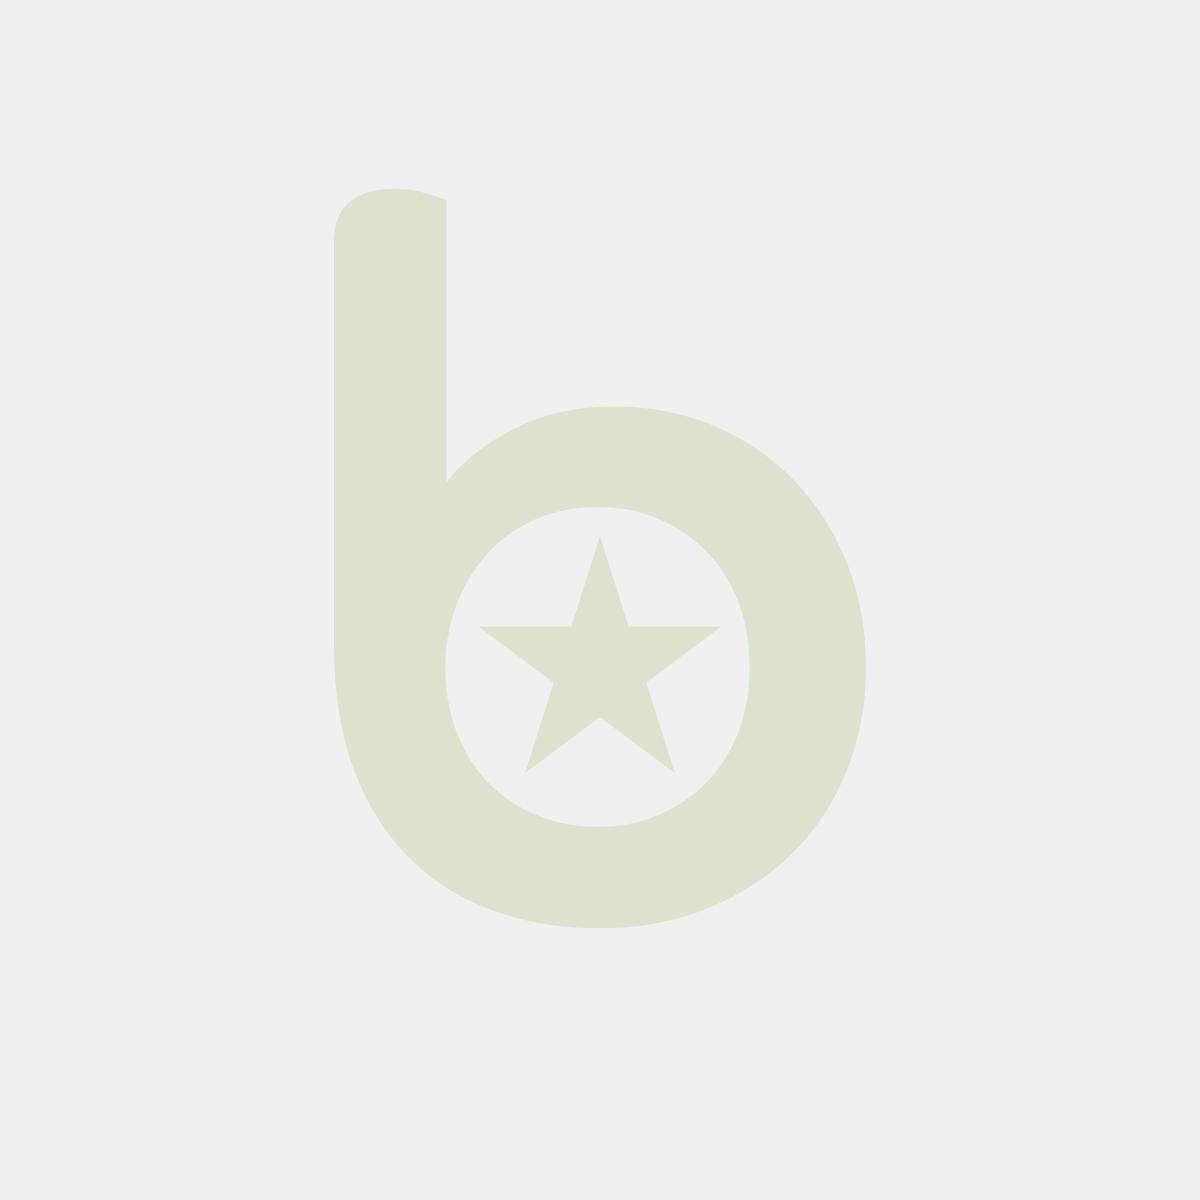 Pojemnik obiadowy do zgrzewu K 227/1, niedzielony niski, czarny, 227x178x30, cena za opakowanie 50szt